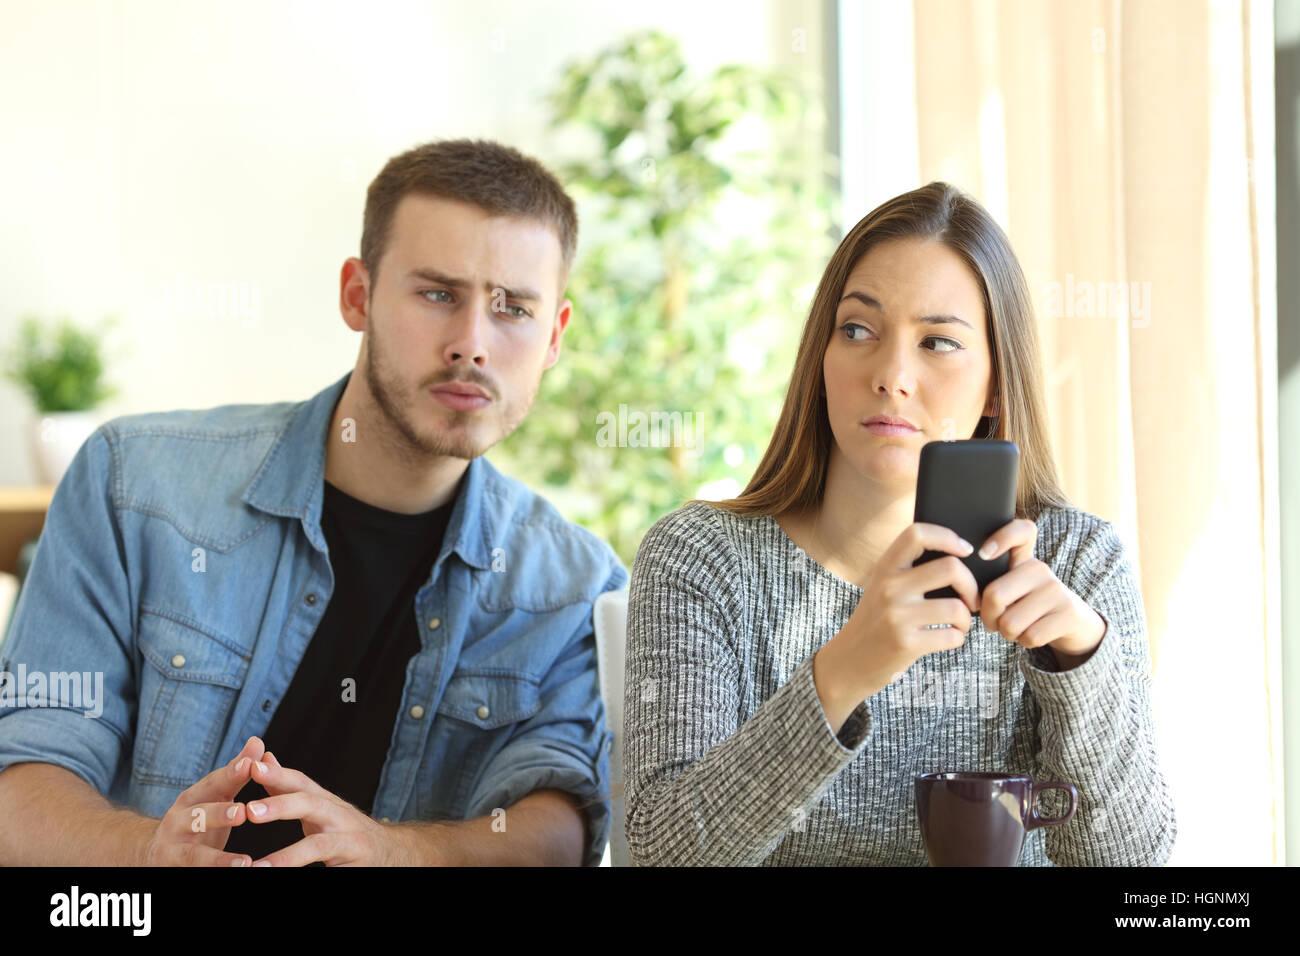 boyfriend get her phone